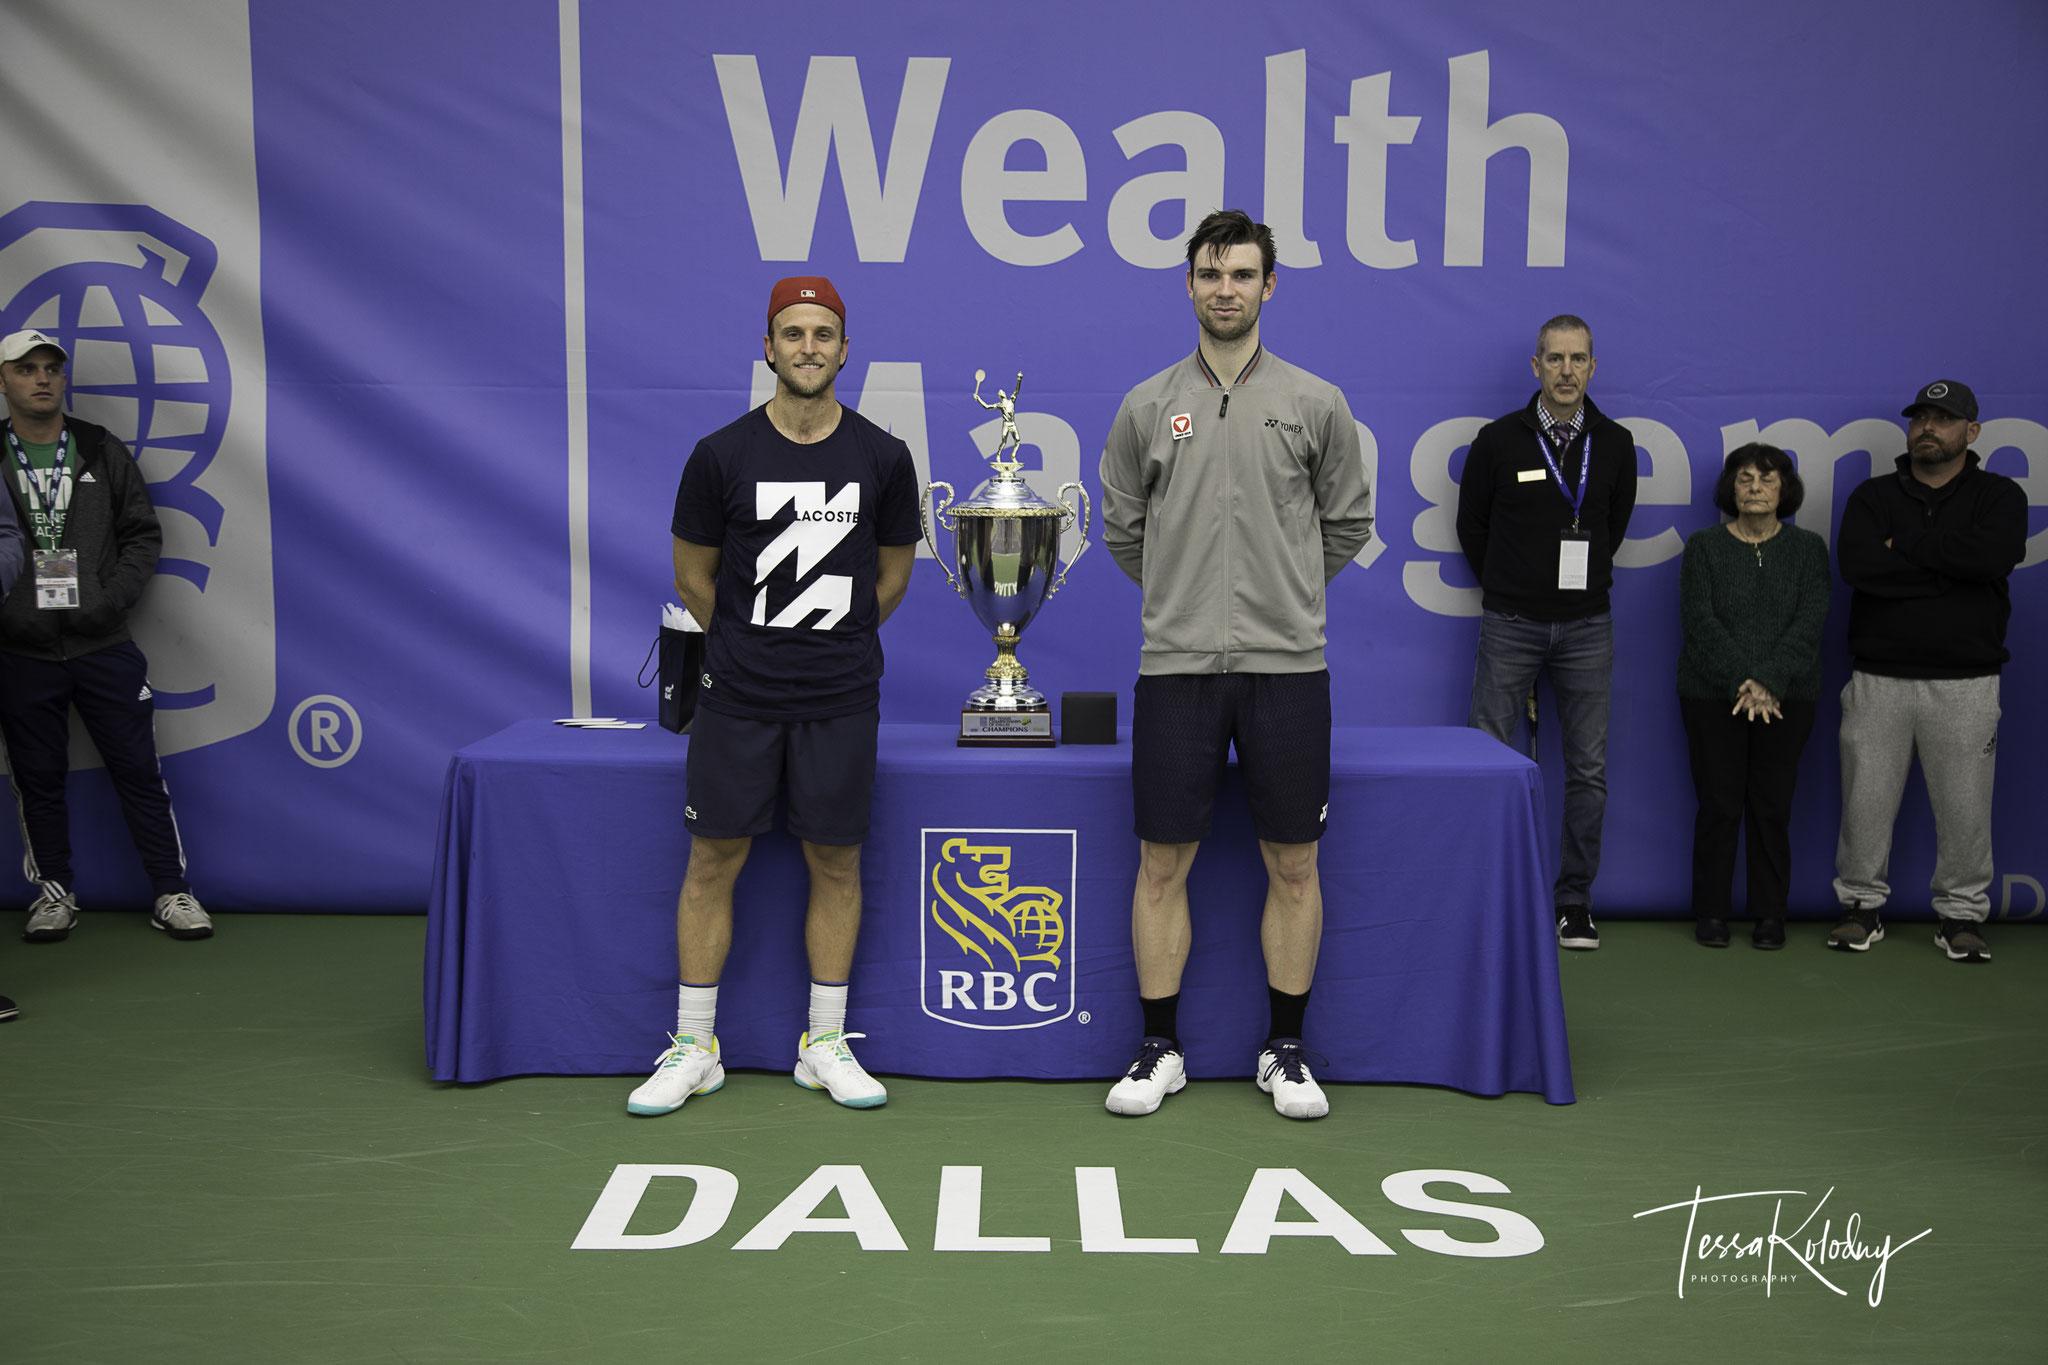 Dallas 2020 (mit Dennis Kudla)